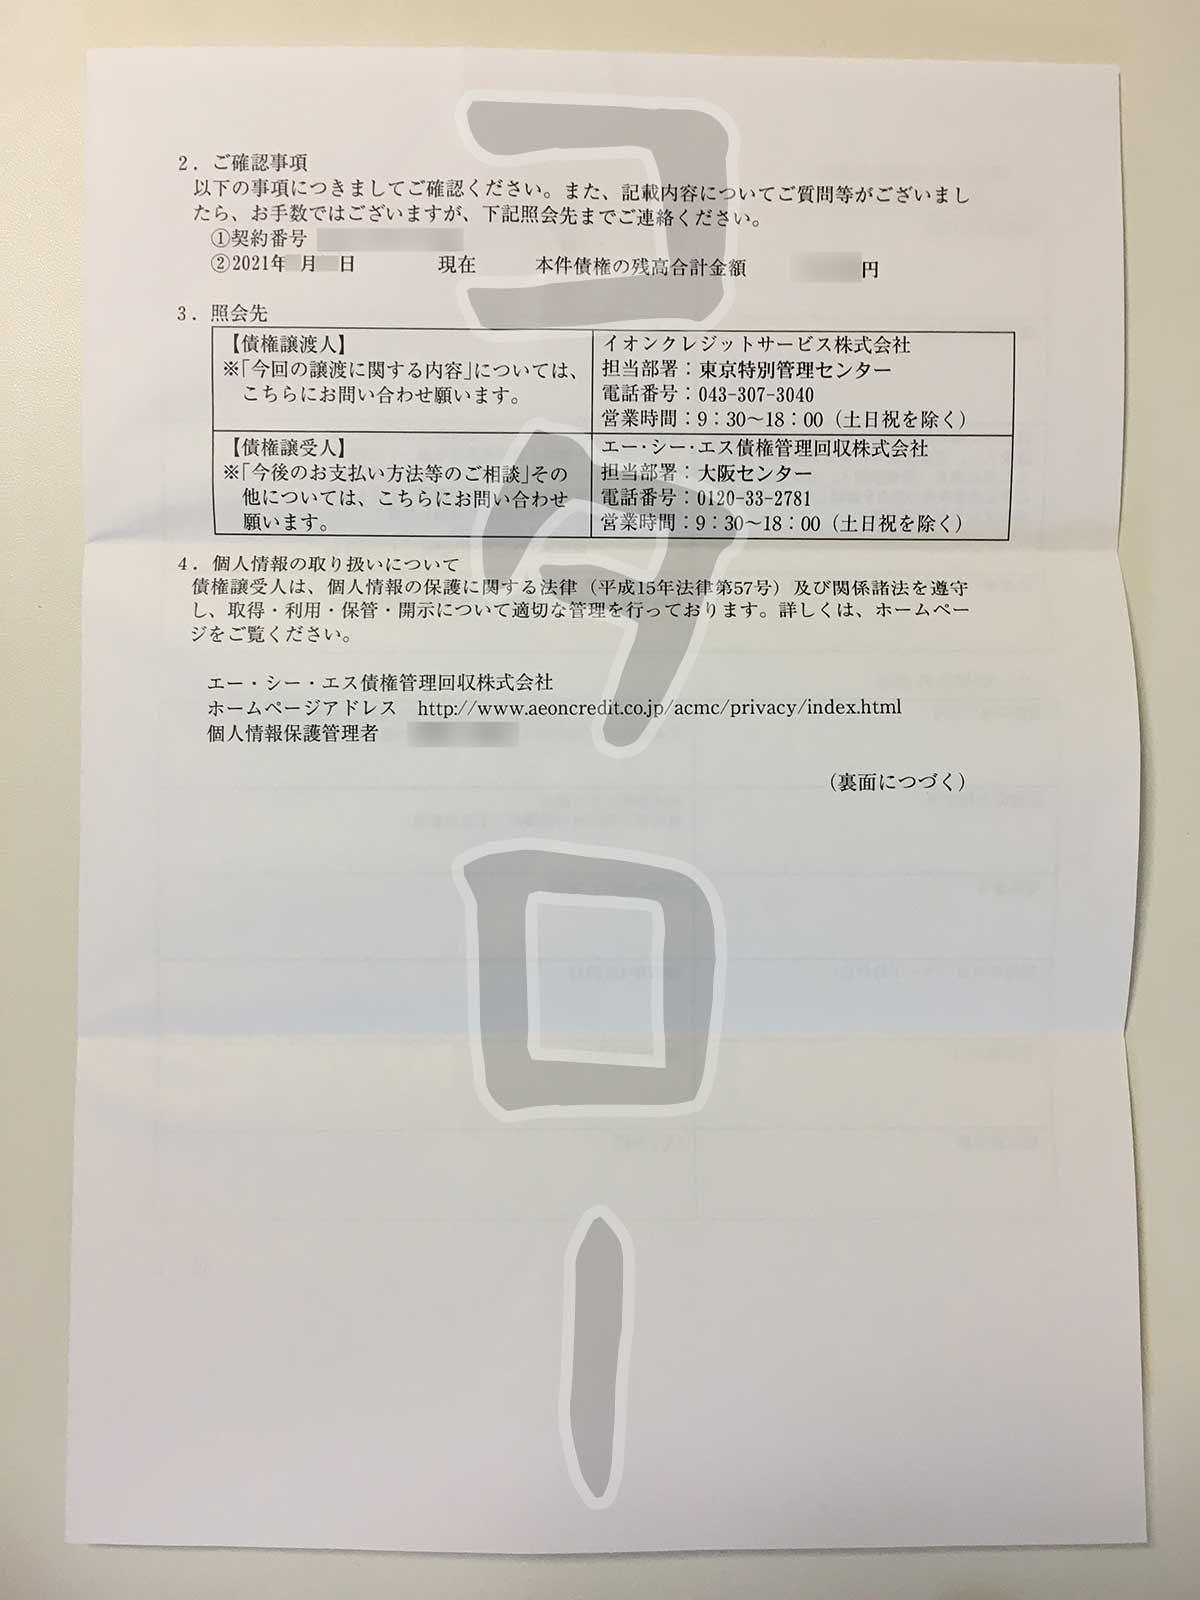 イオンクレジットサービス債権回収-min